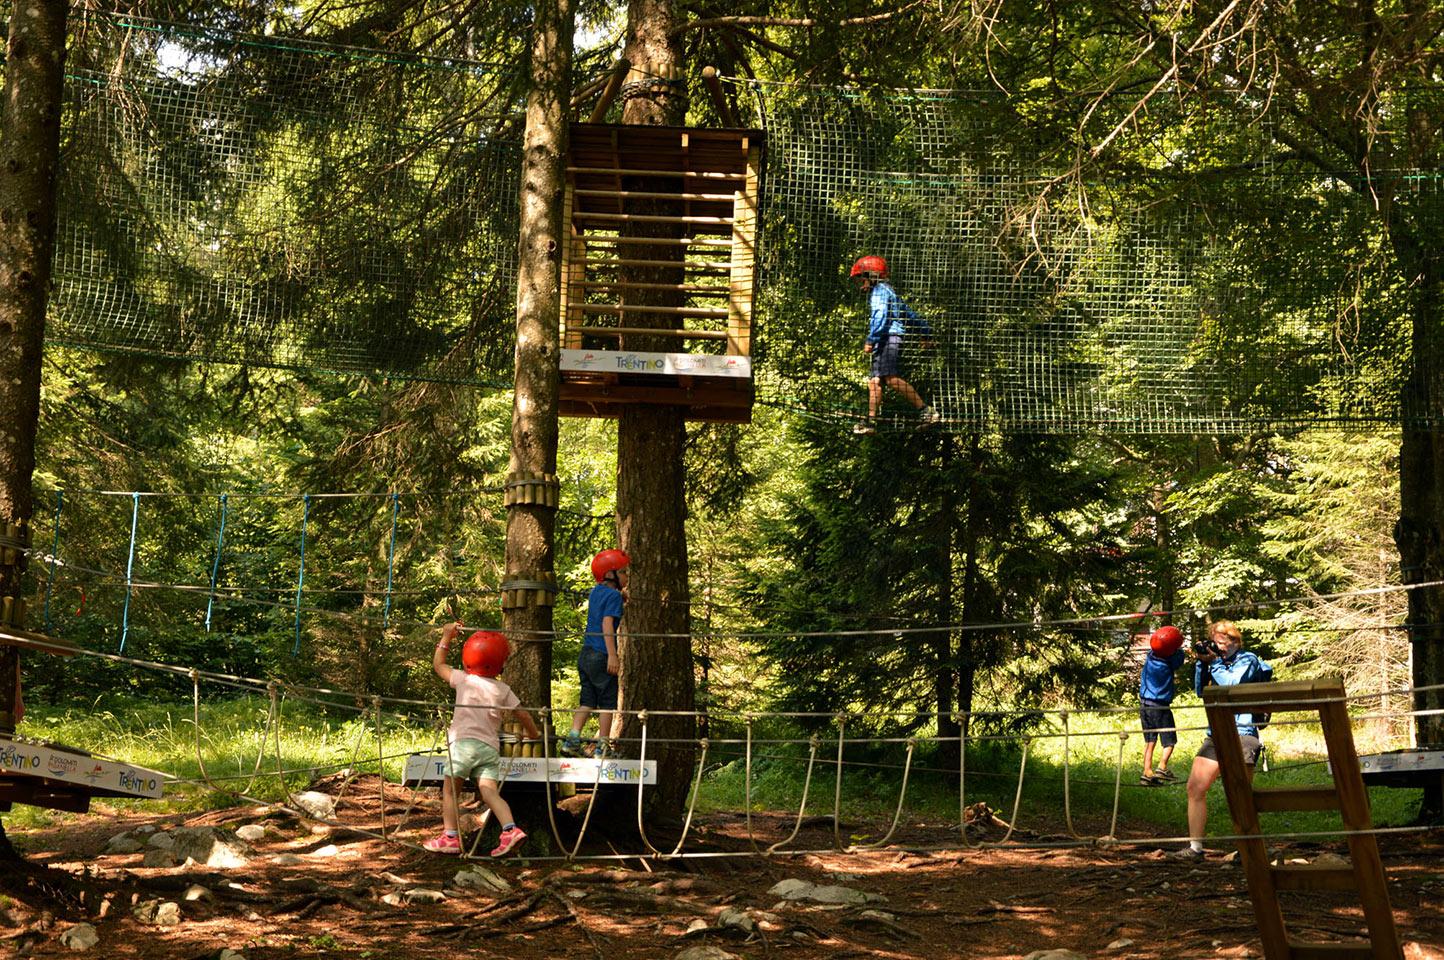 Bambini in gioco al Forest Park Molveno, a due passi dalle Dolomiti di Brenta e dal massiccio della Paganella